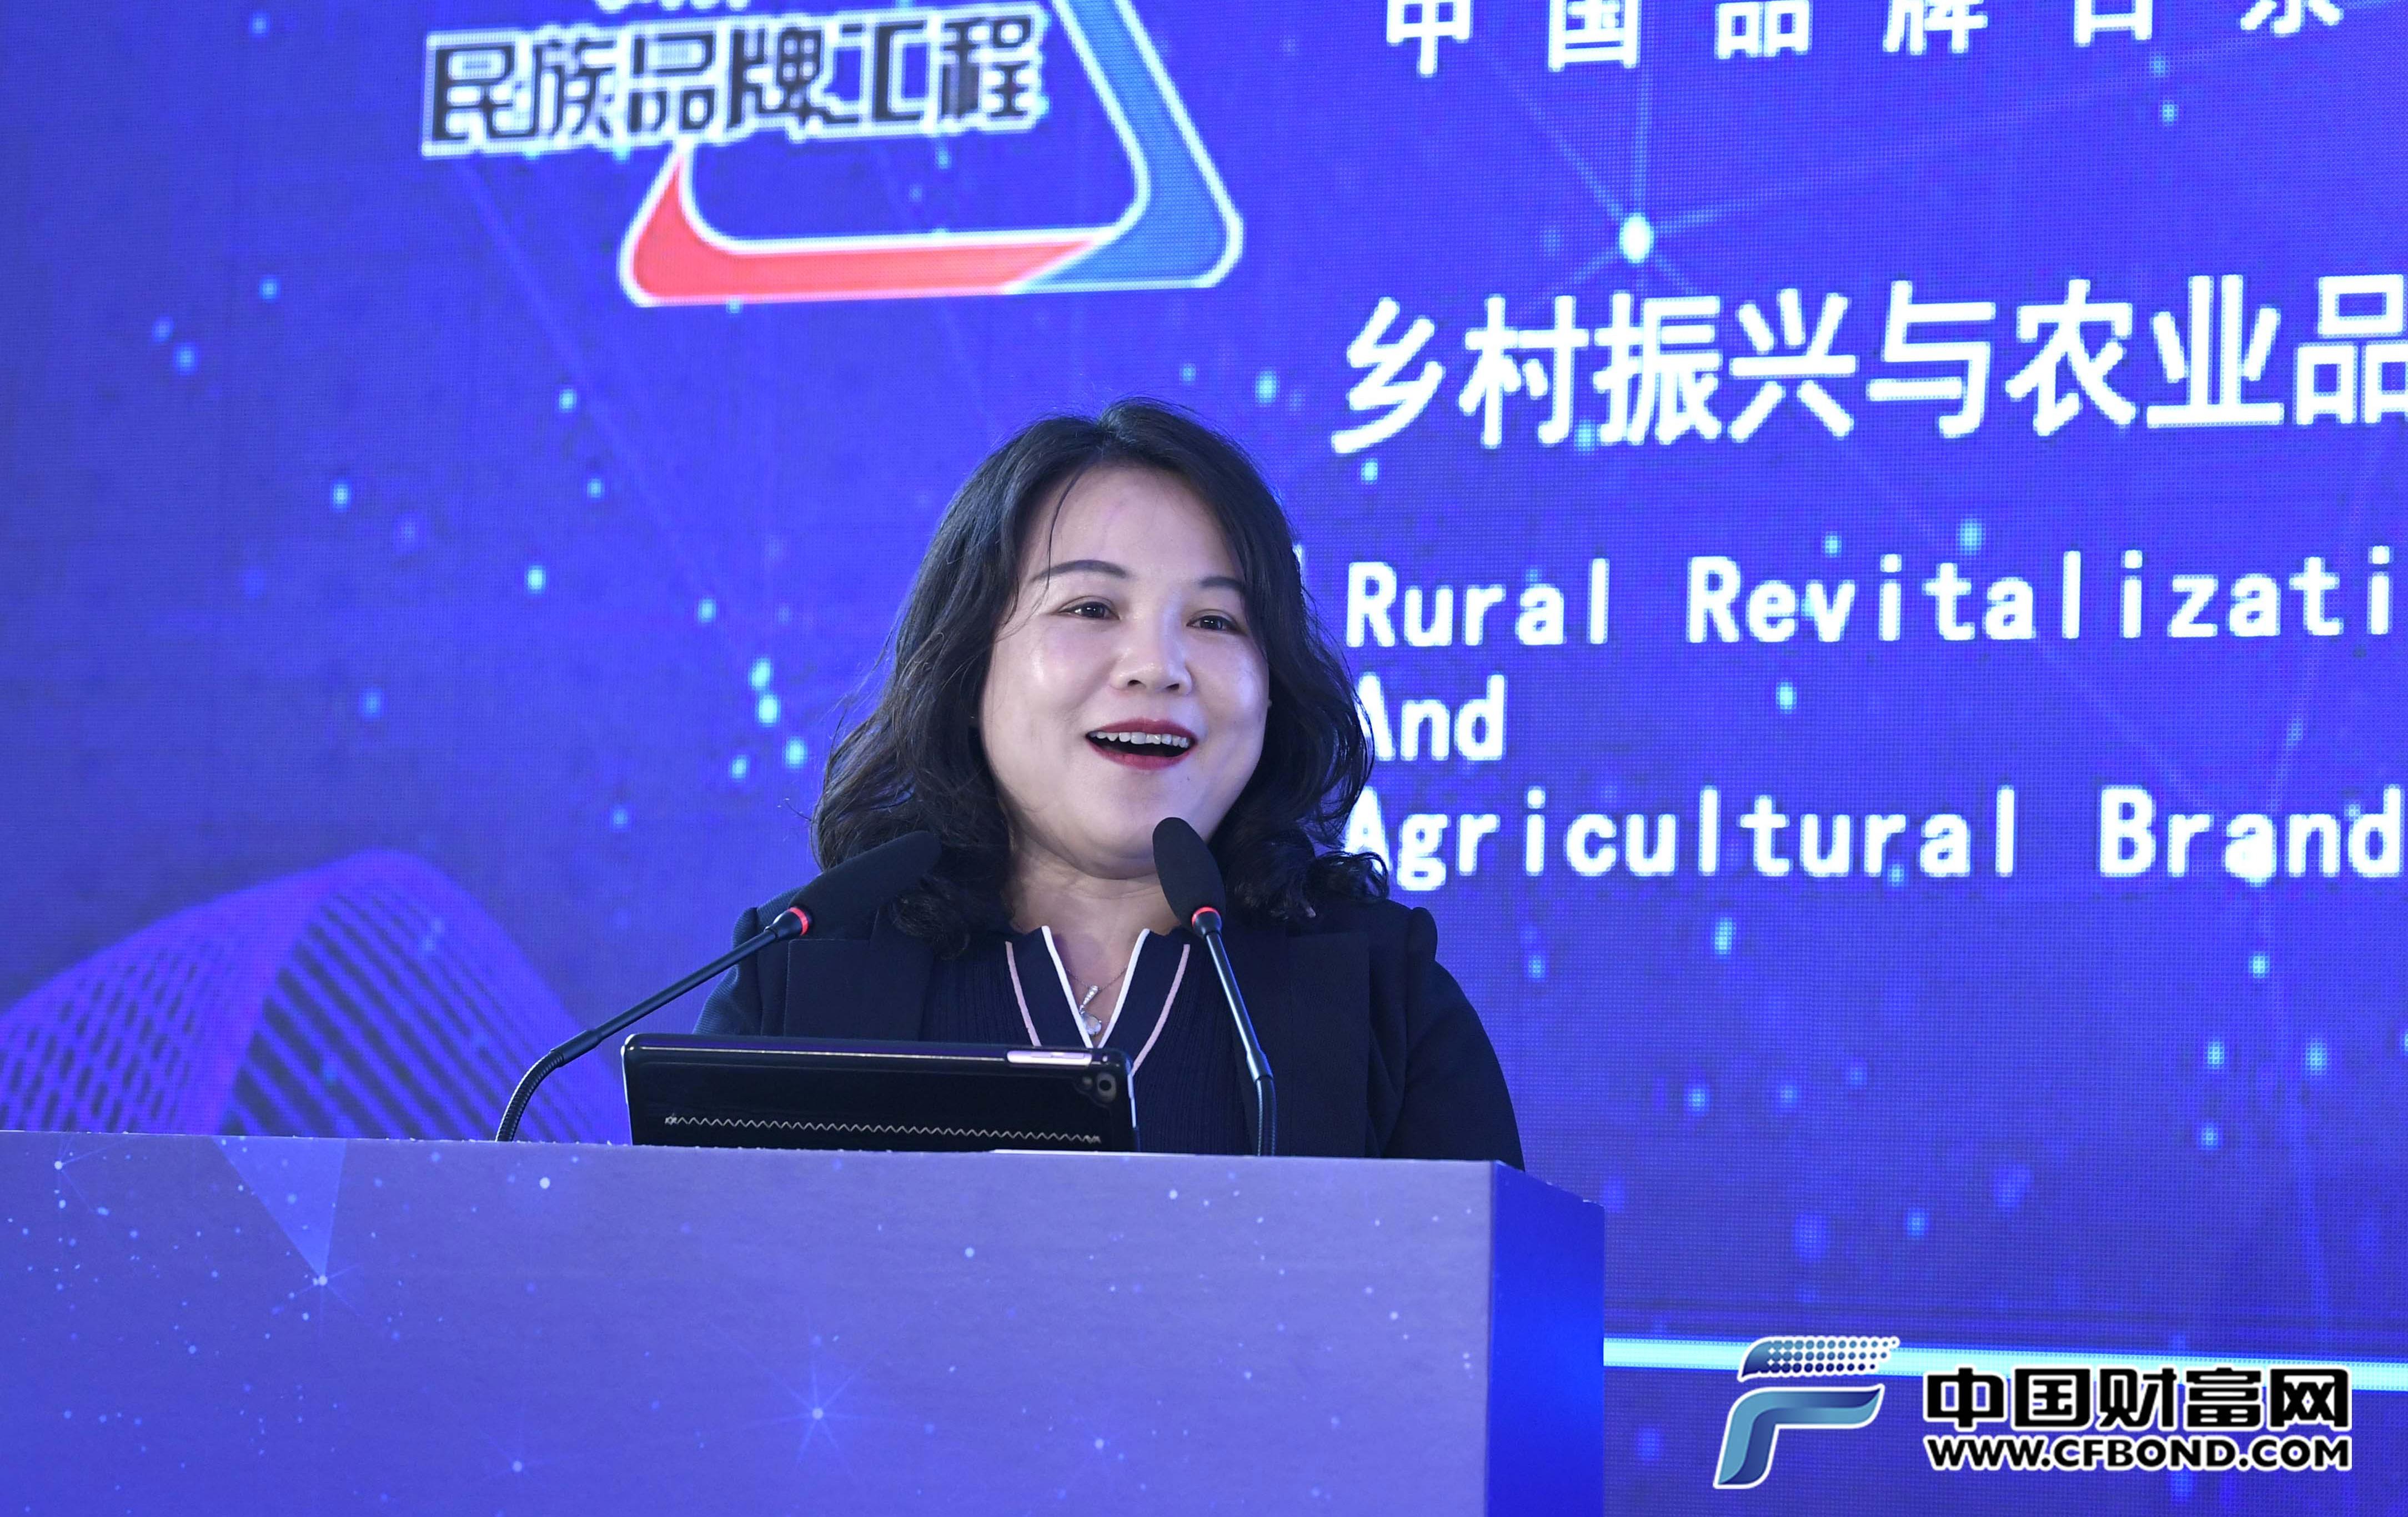 贵州南山婆集团董事长包爱明发表主题演讲